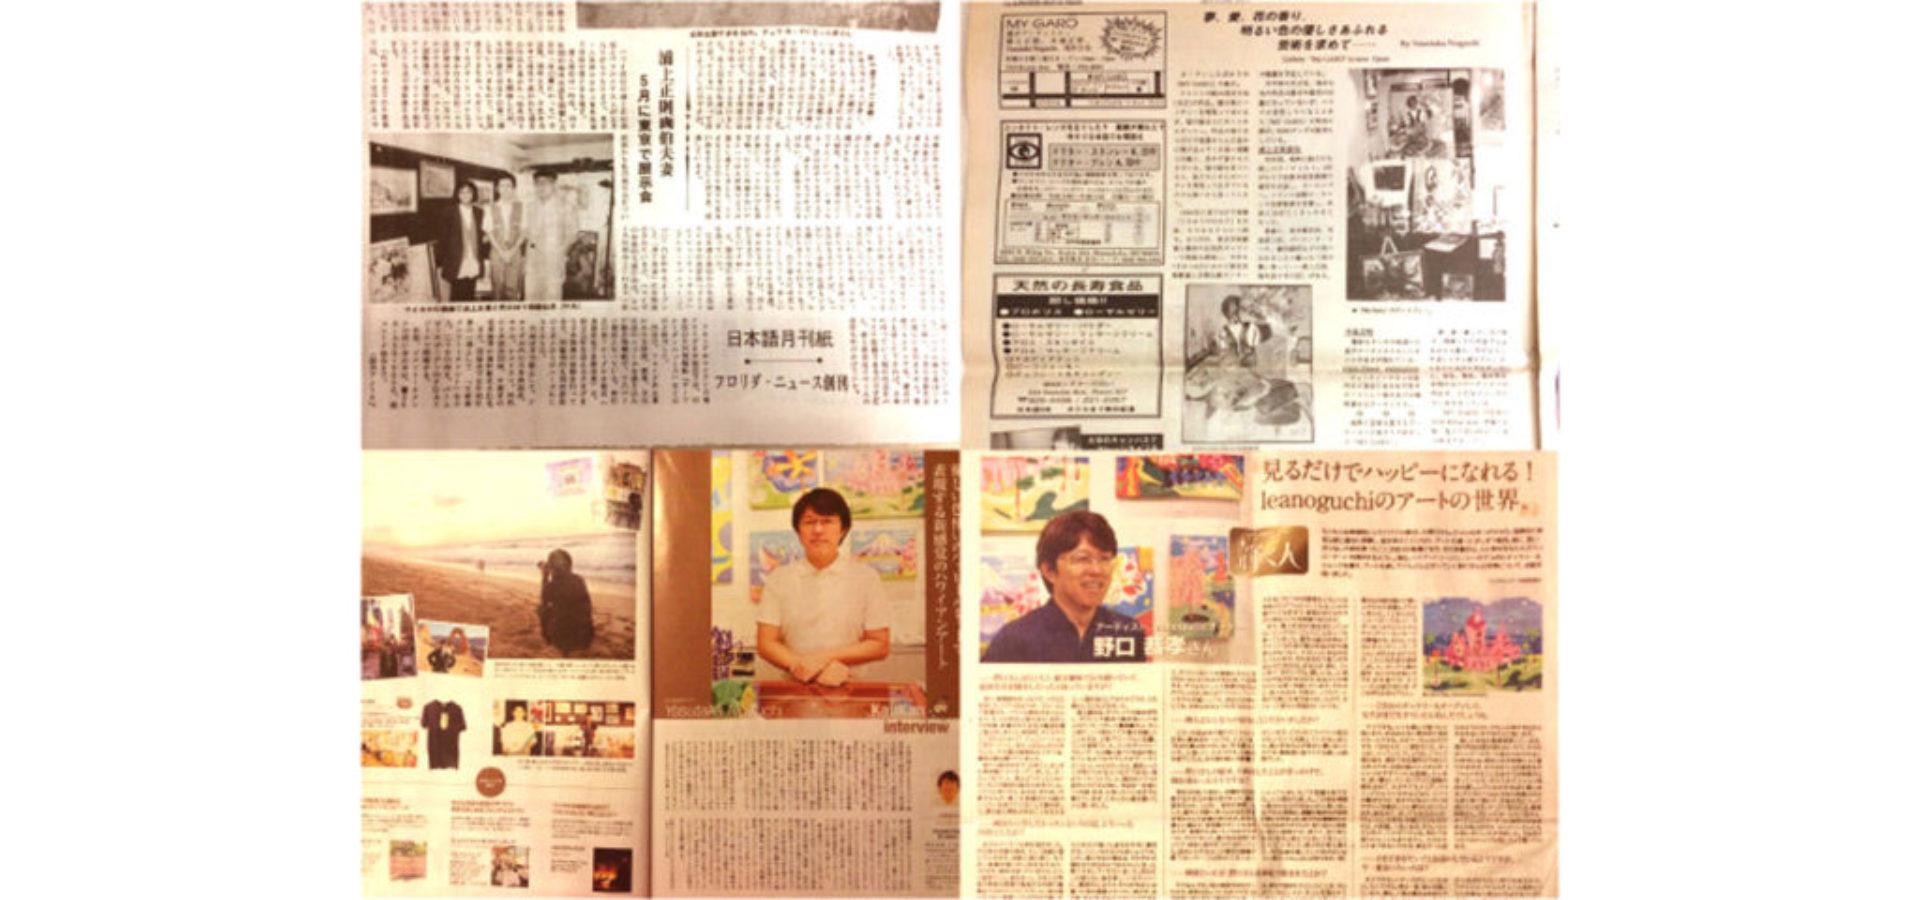 ノグチアート新聞&雑誌撮影